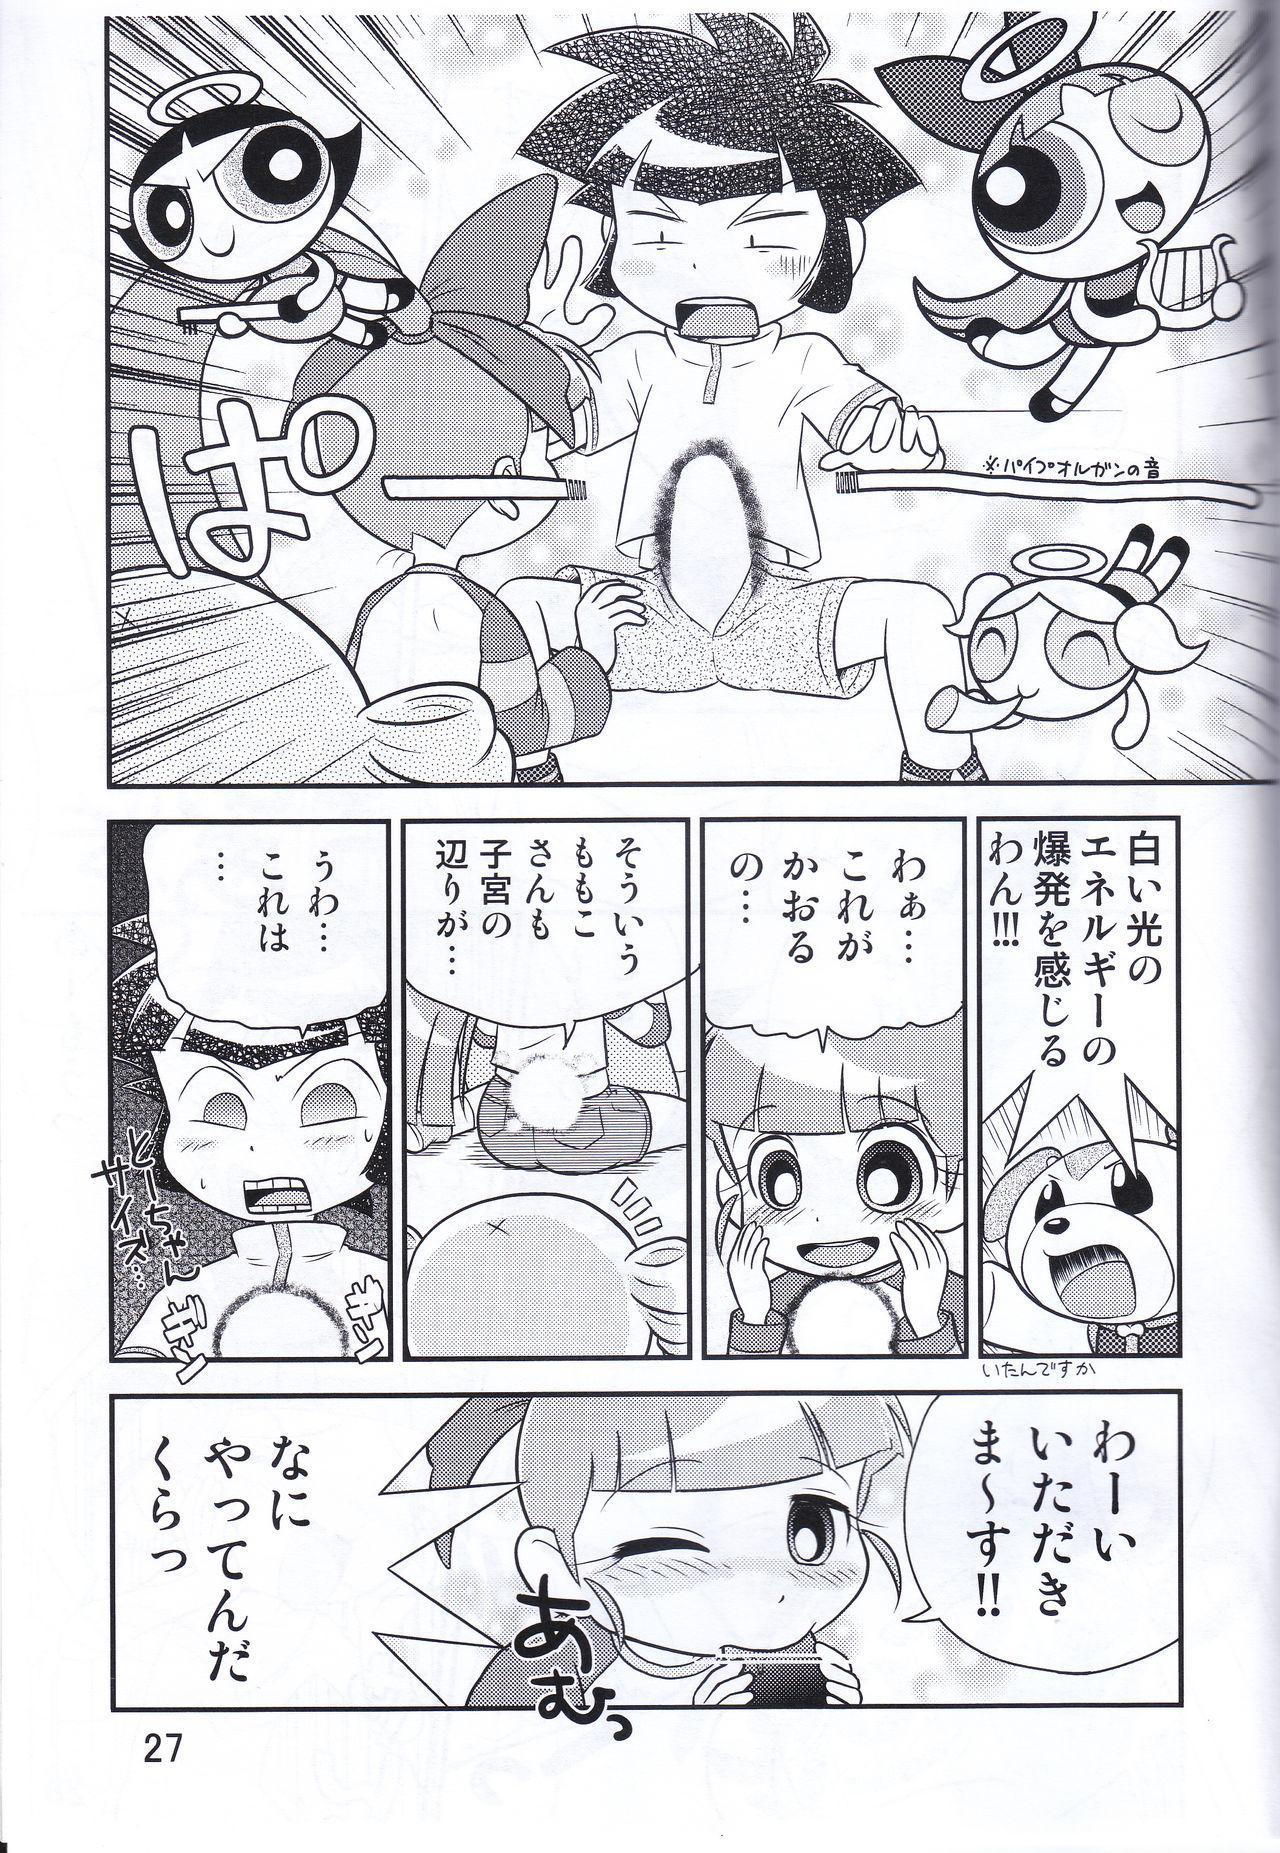 Juicy6 26